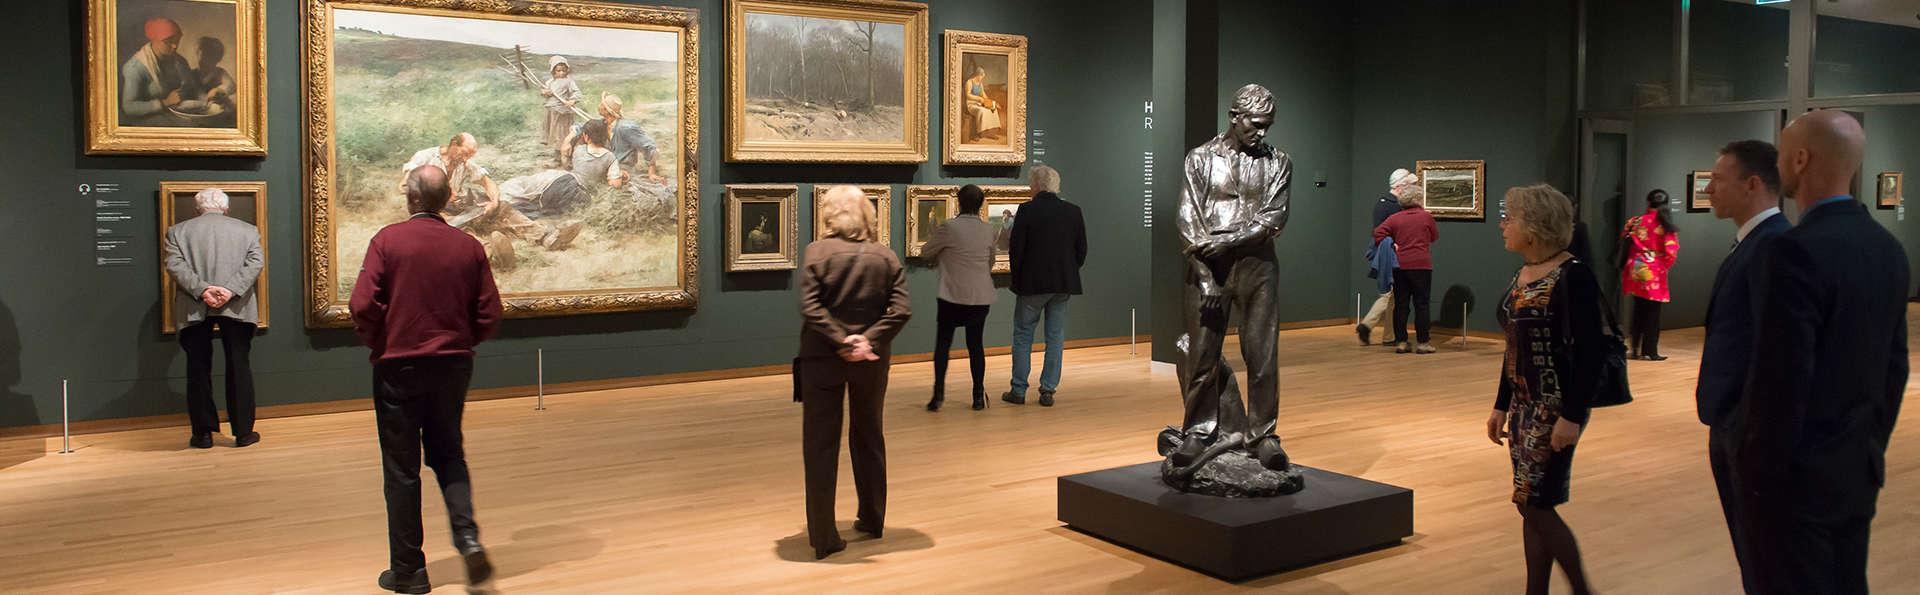 Hotel de lujo y acceso al Museo Van Gogh en Ámsterdam